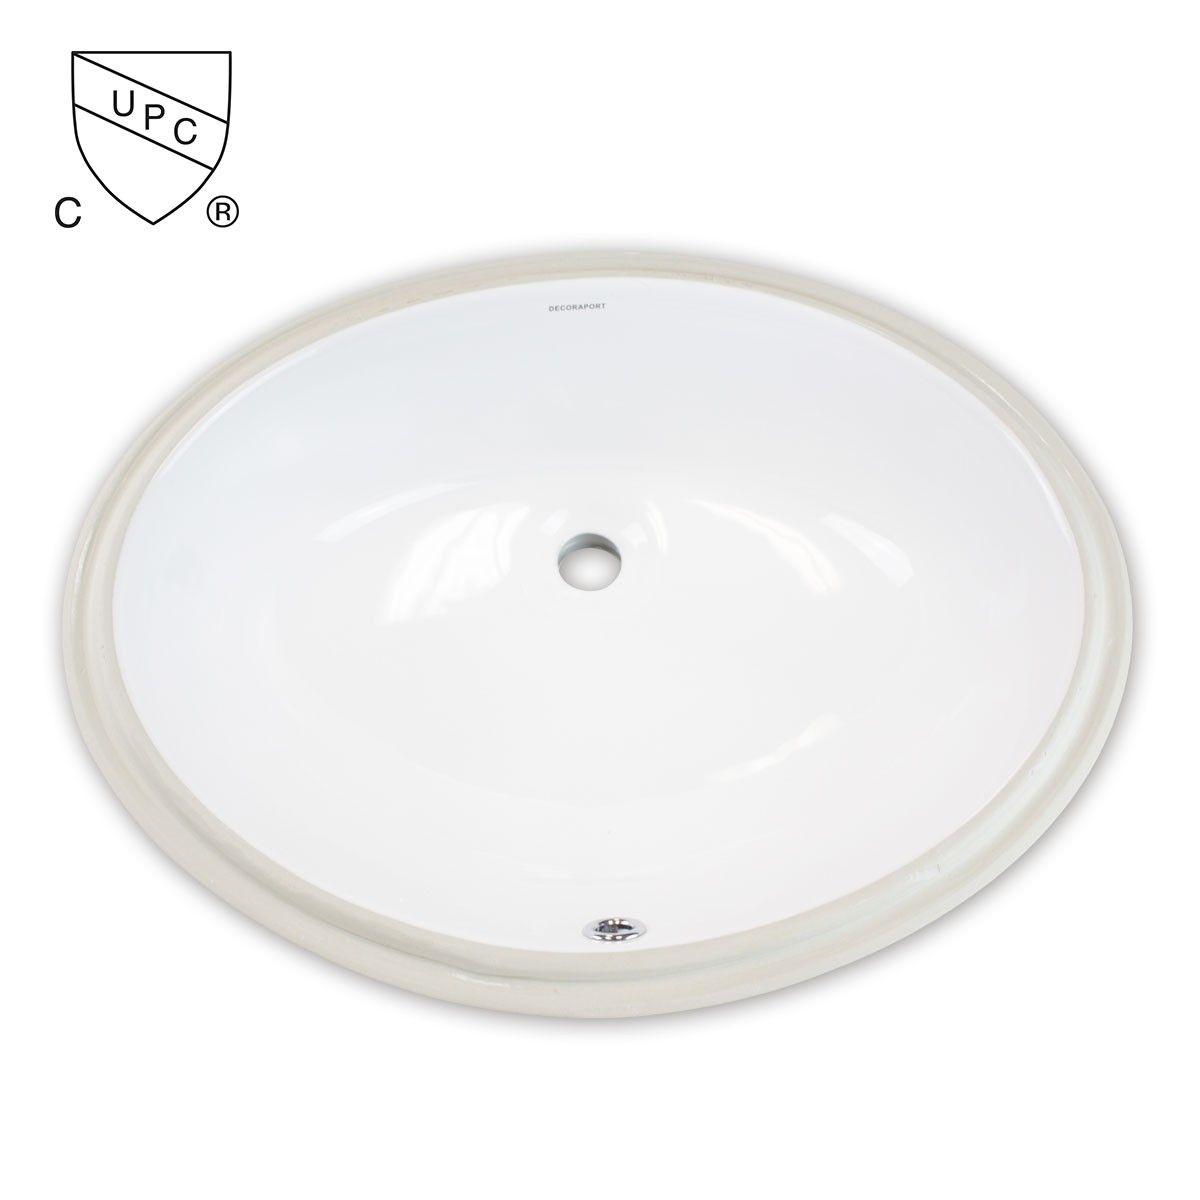 Decoraport Lavabo-Vasque Ovale de Dessous de Comptoir en Céramique Blanche (MY-3708)